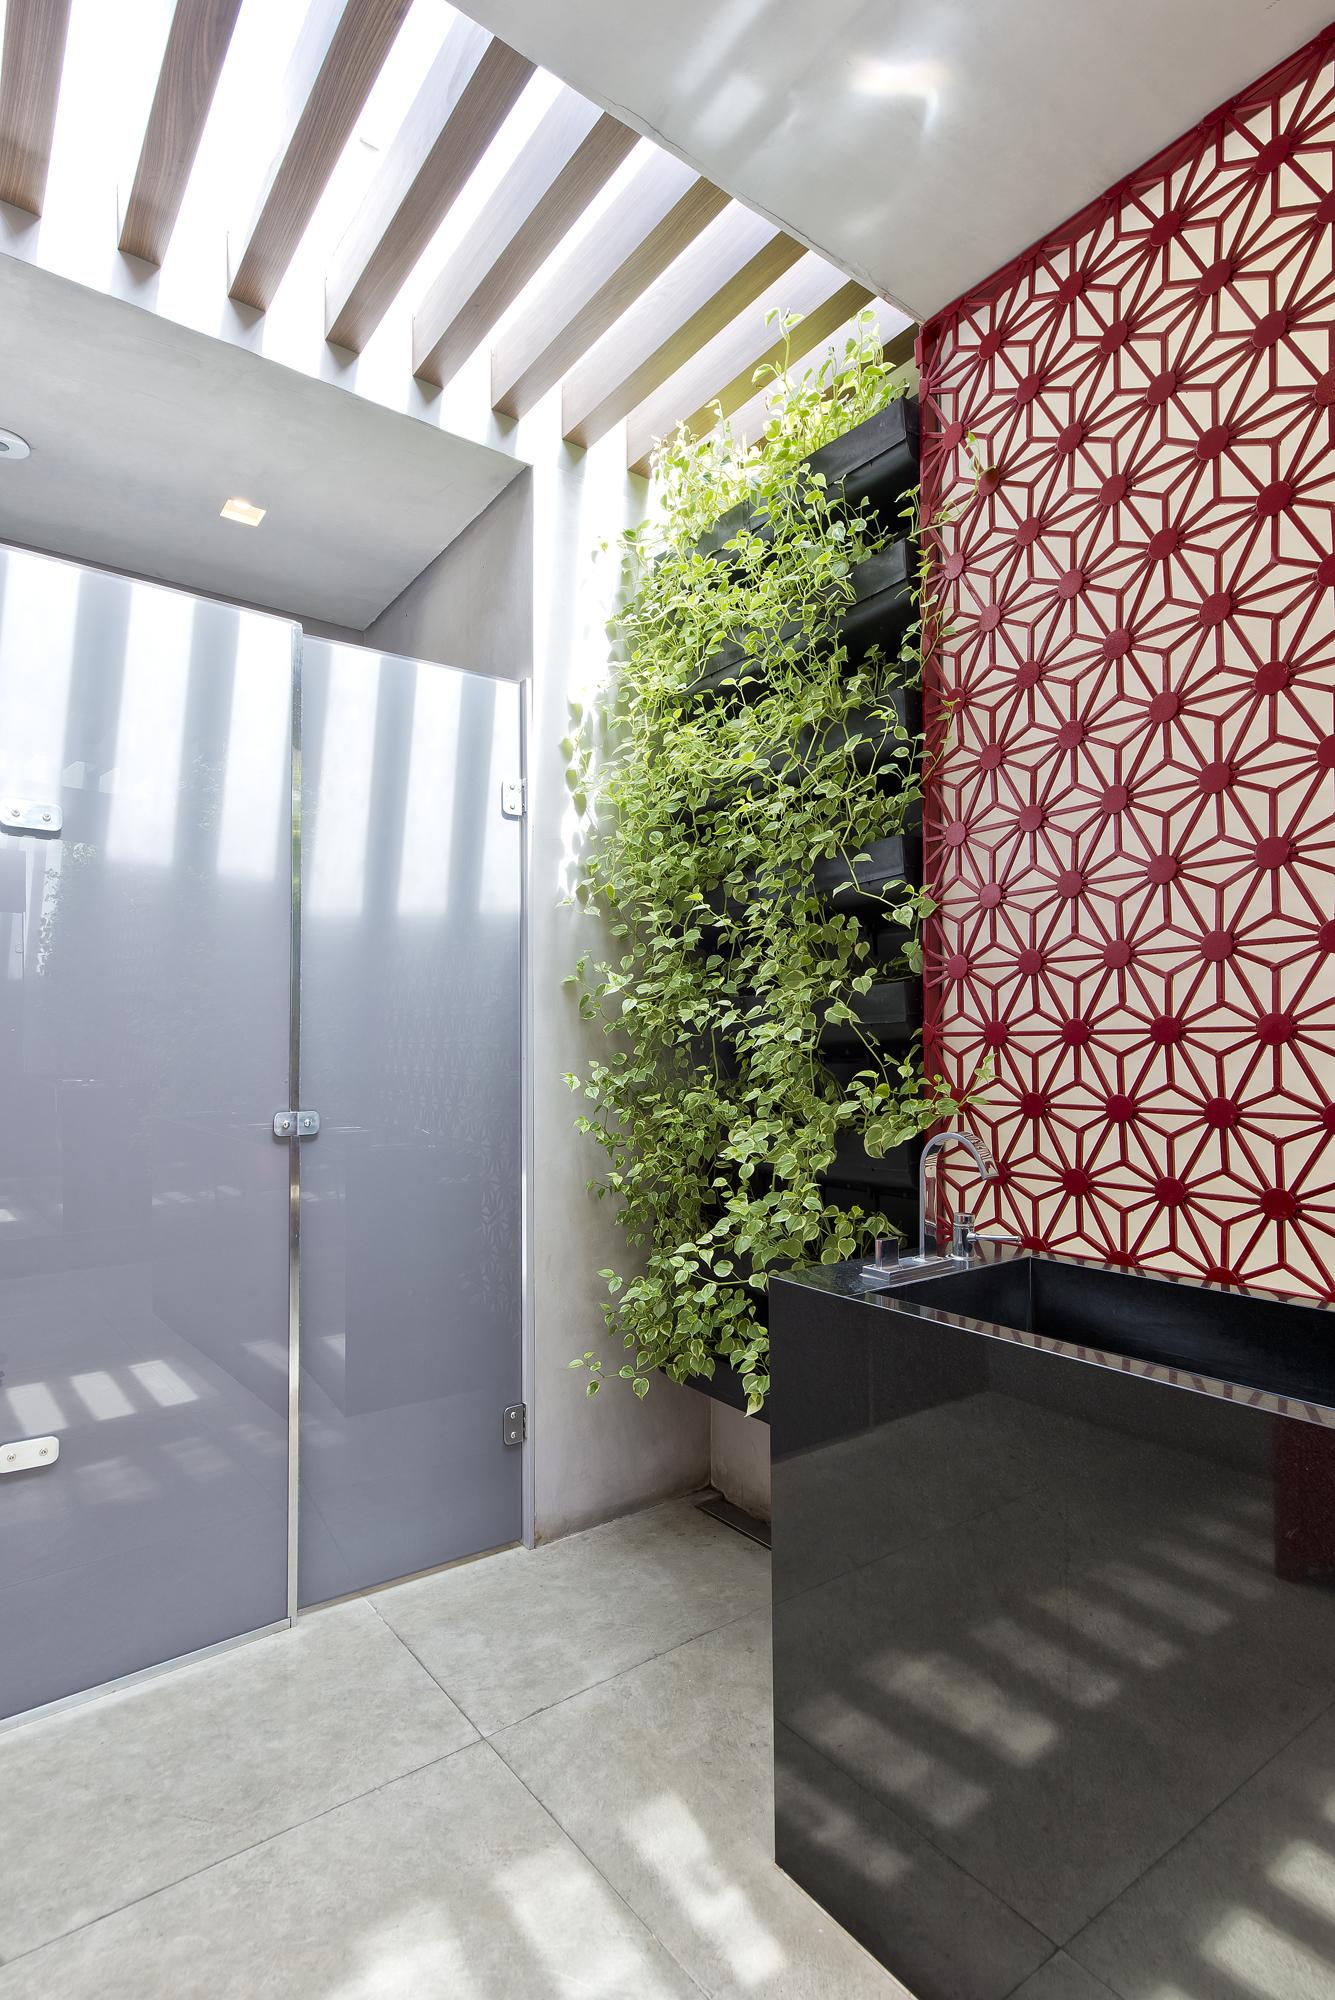 Banheiro Comercial Por Artd3 Arquitetura Design Clique Arquitetura Seu Portal De Ideias E Solucoes